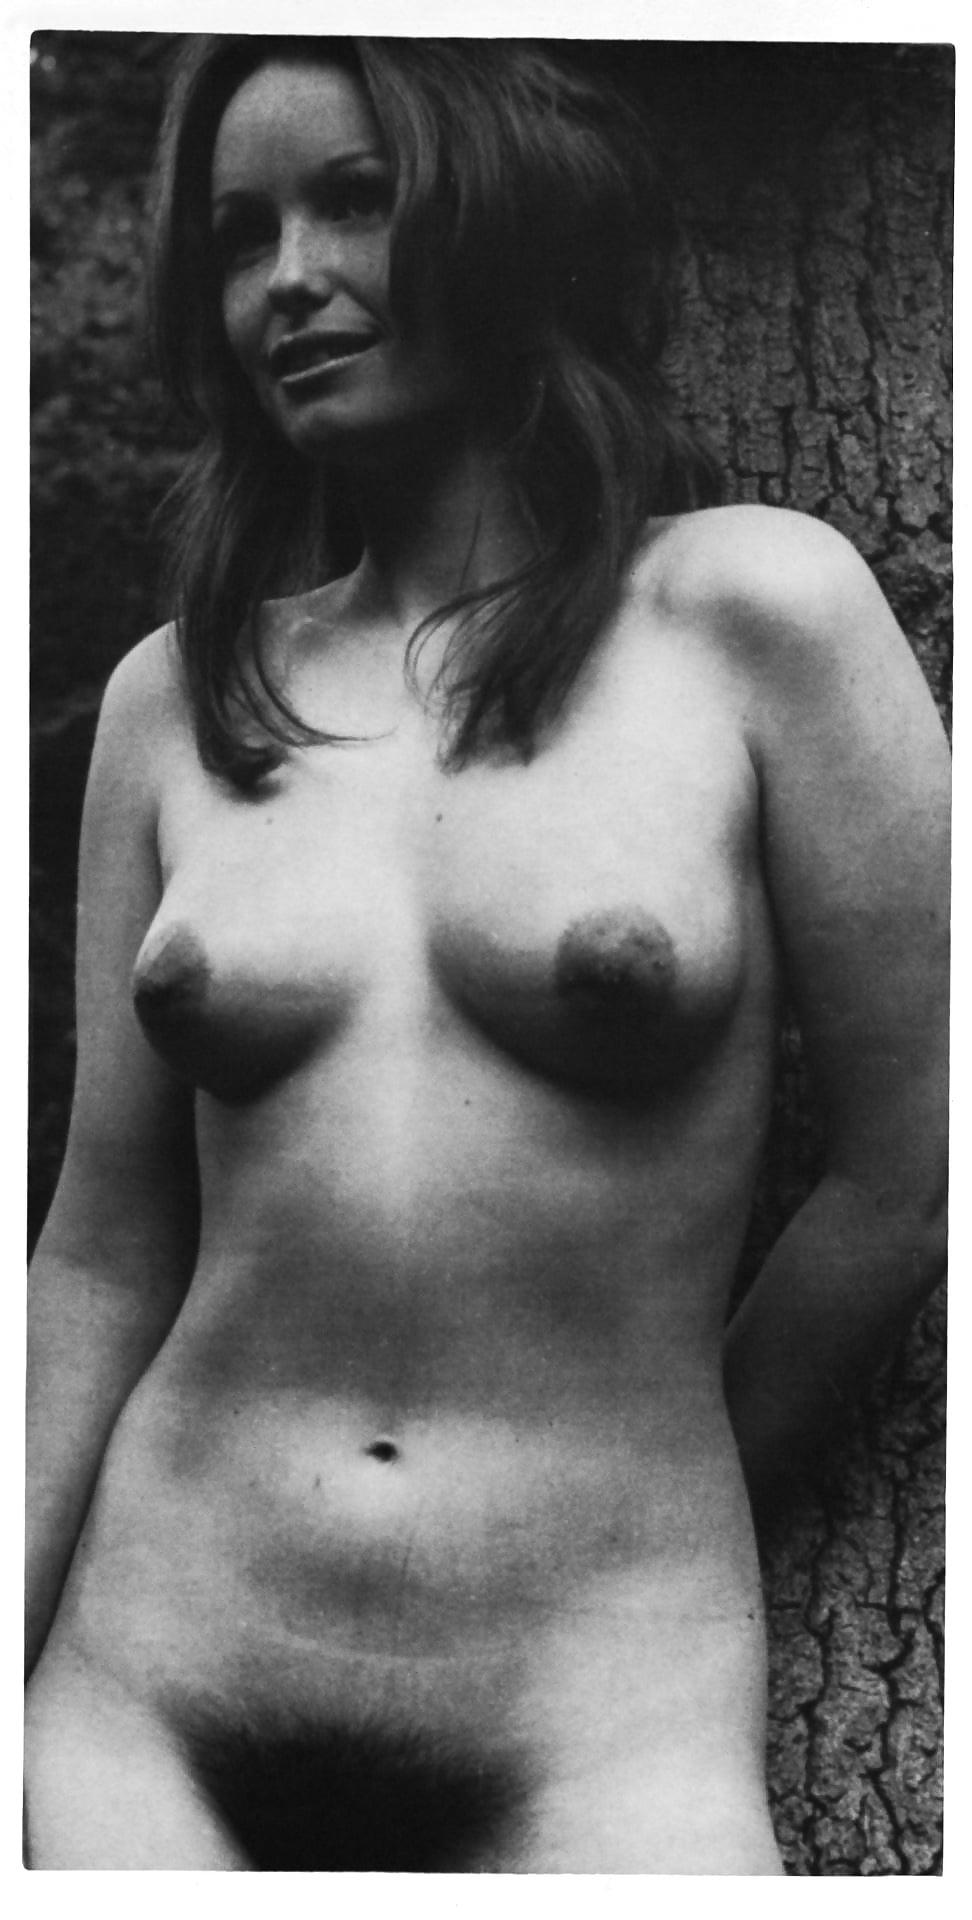 Hot Nude Photos Hot women in risque bikinis